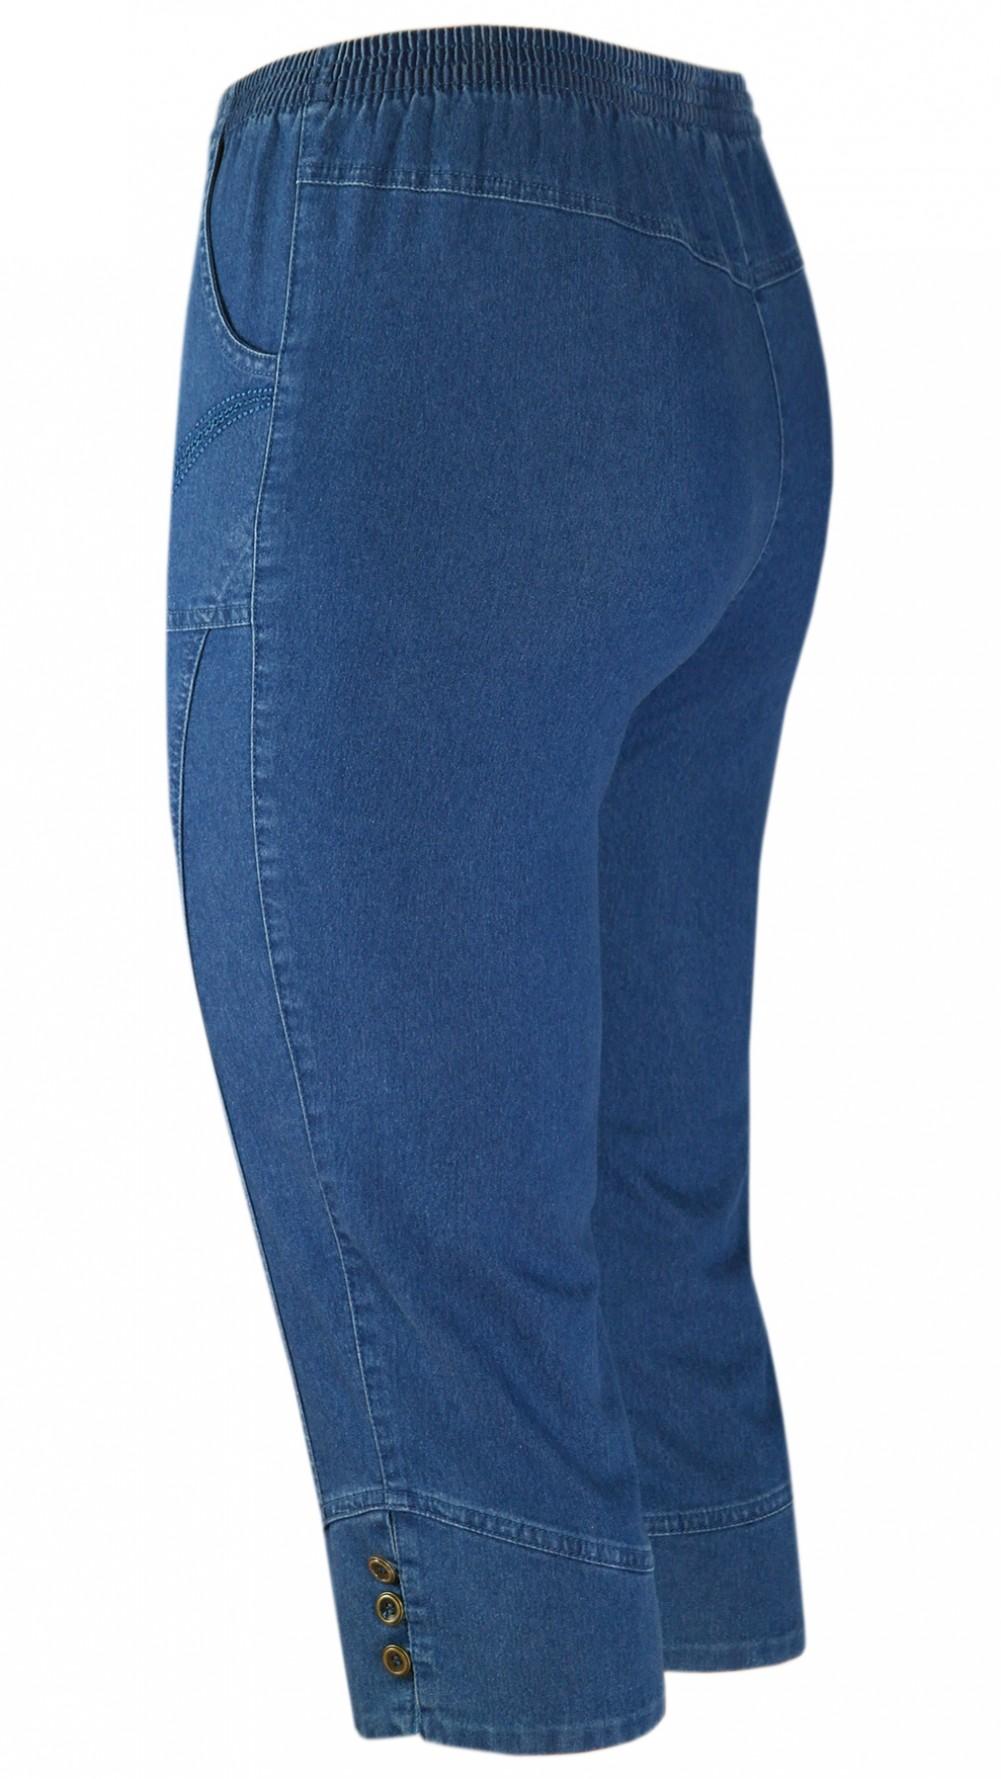 Damen Capri Stretch-Jeans Caprihose Schlupfhose - Blue